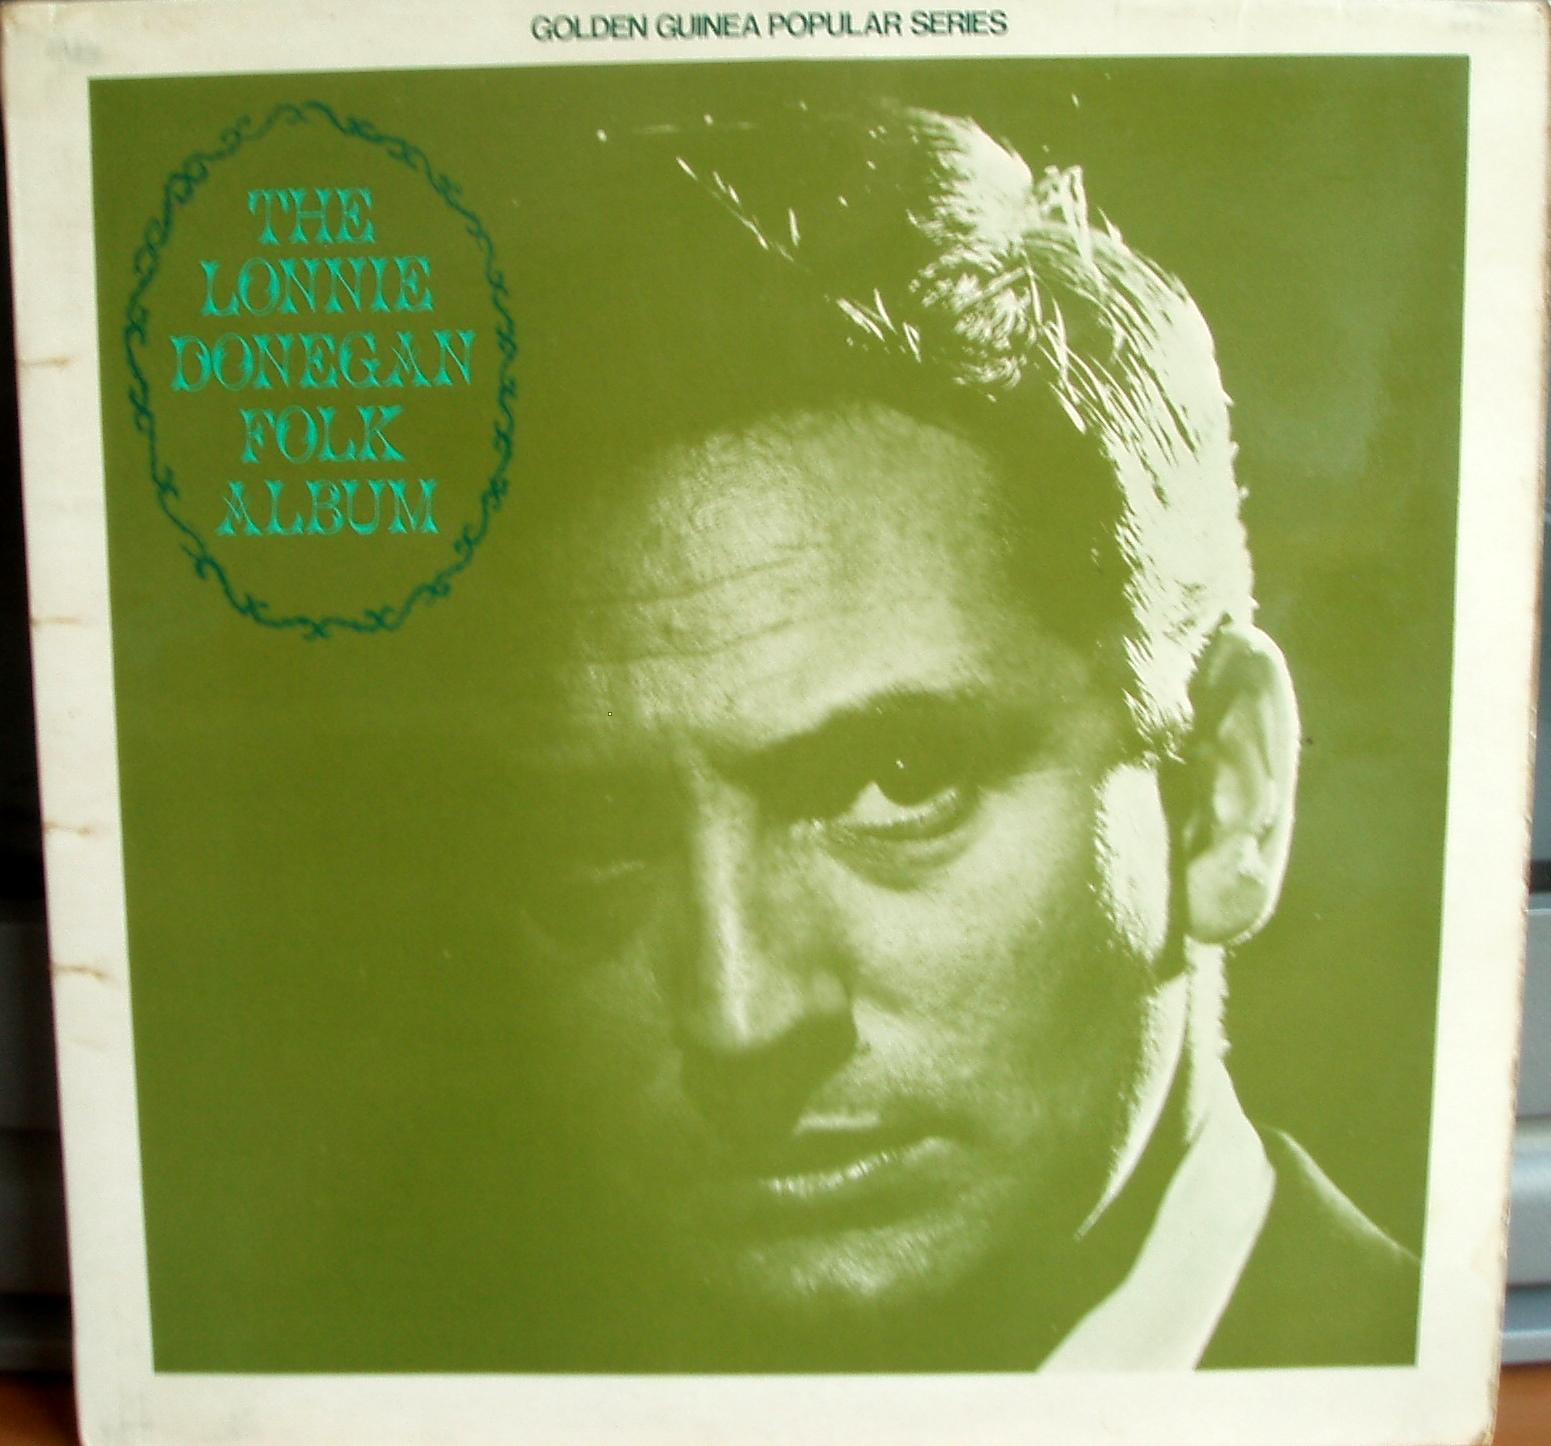 The Lonnie Donegan Folk Album